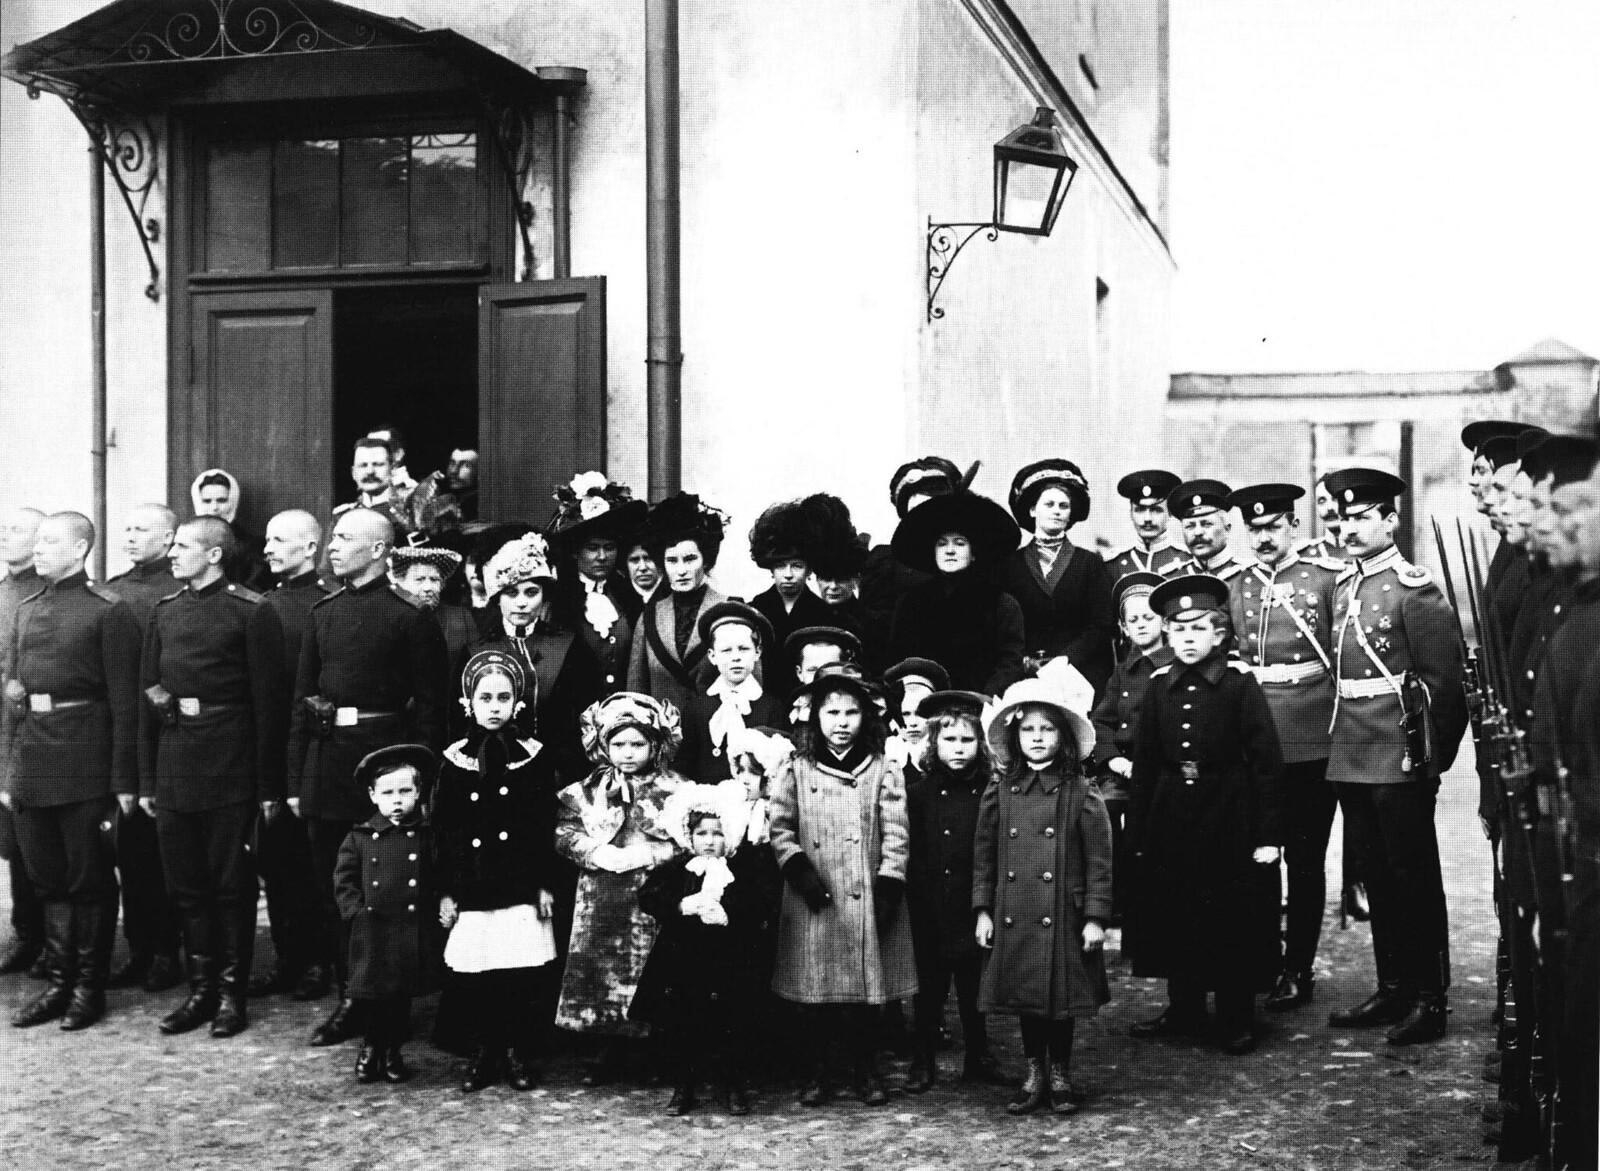 1911. 1-й железнодорожный полк. Солдаты, офицеры и члены их семей.